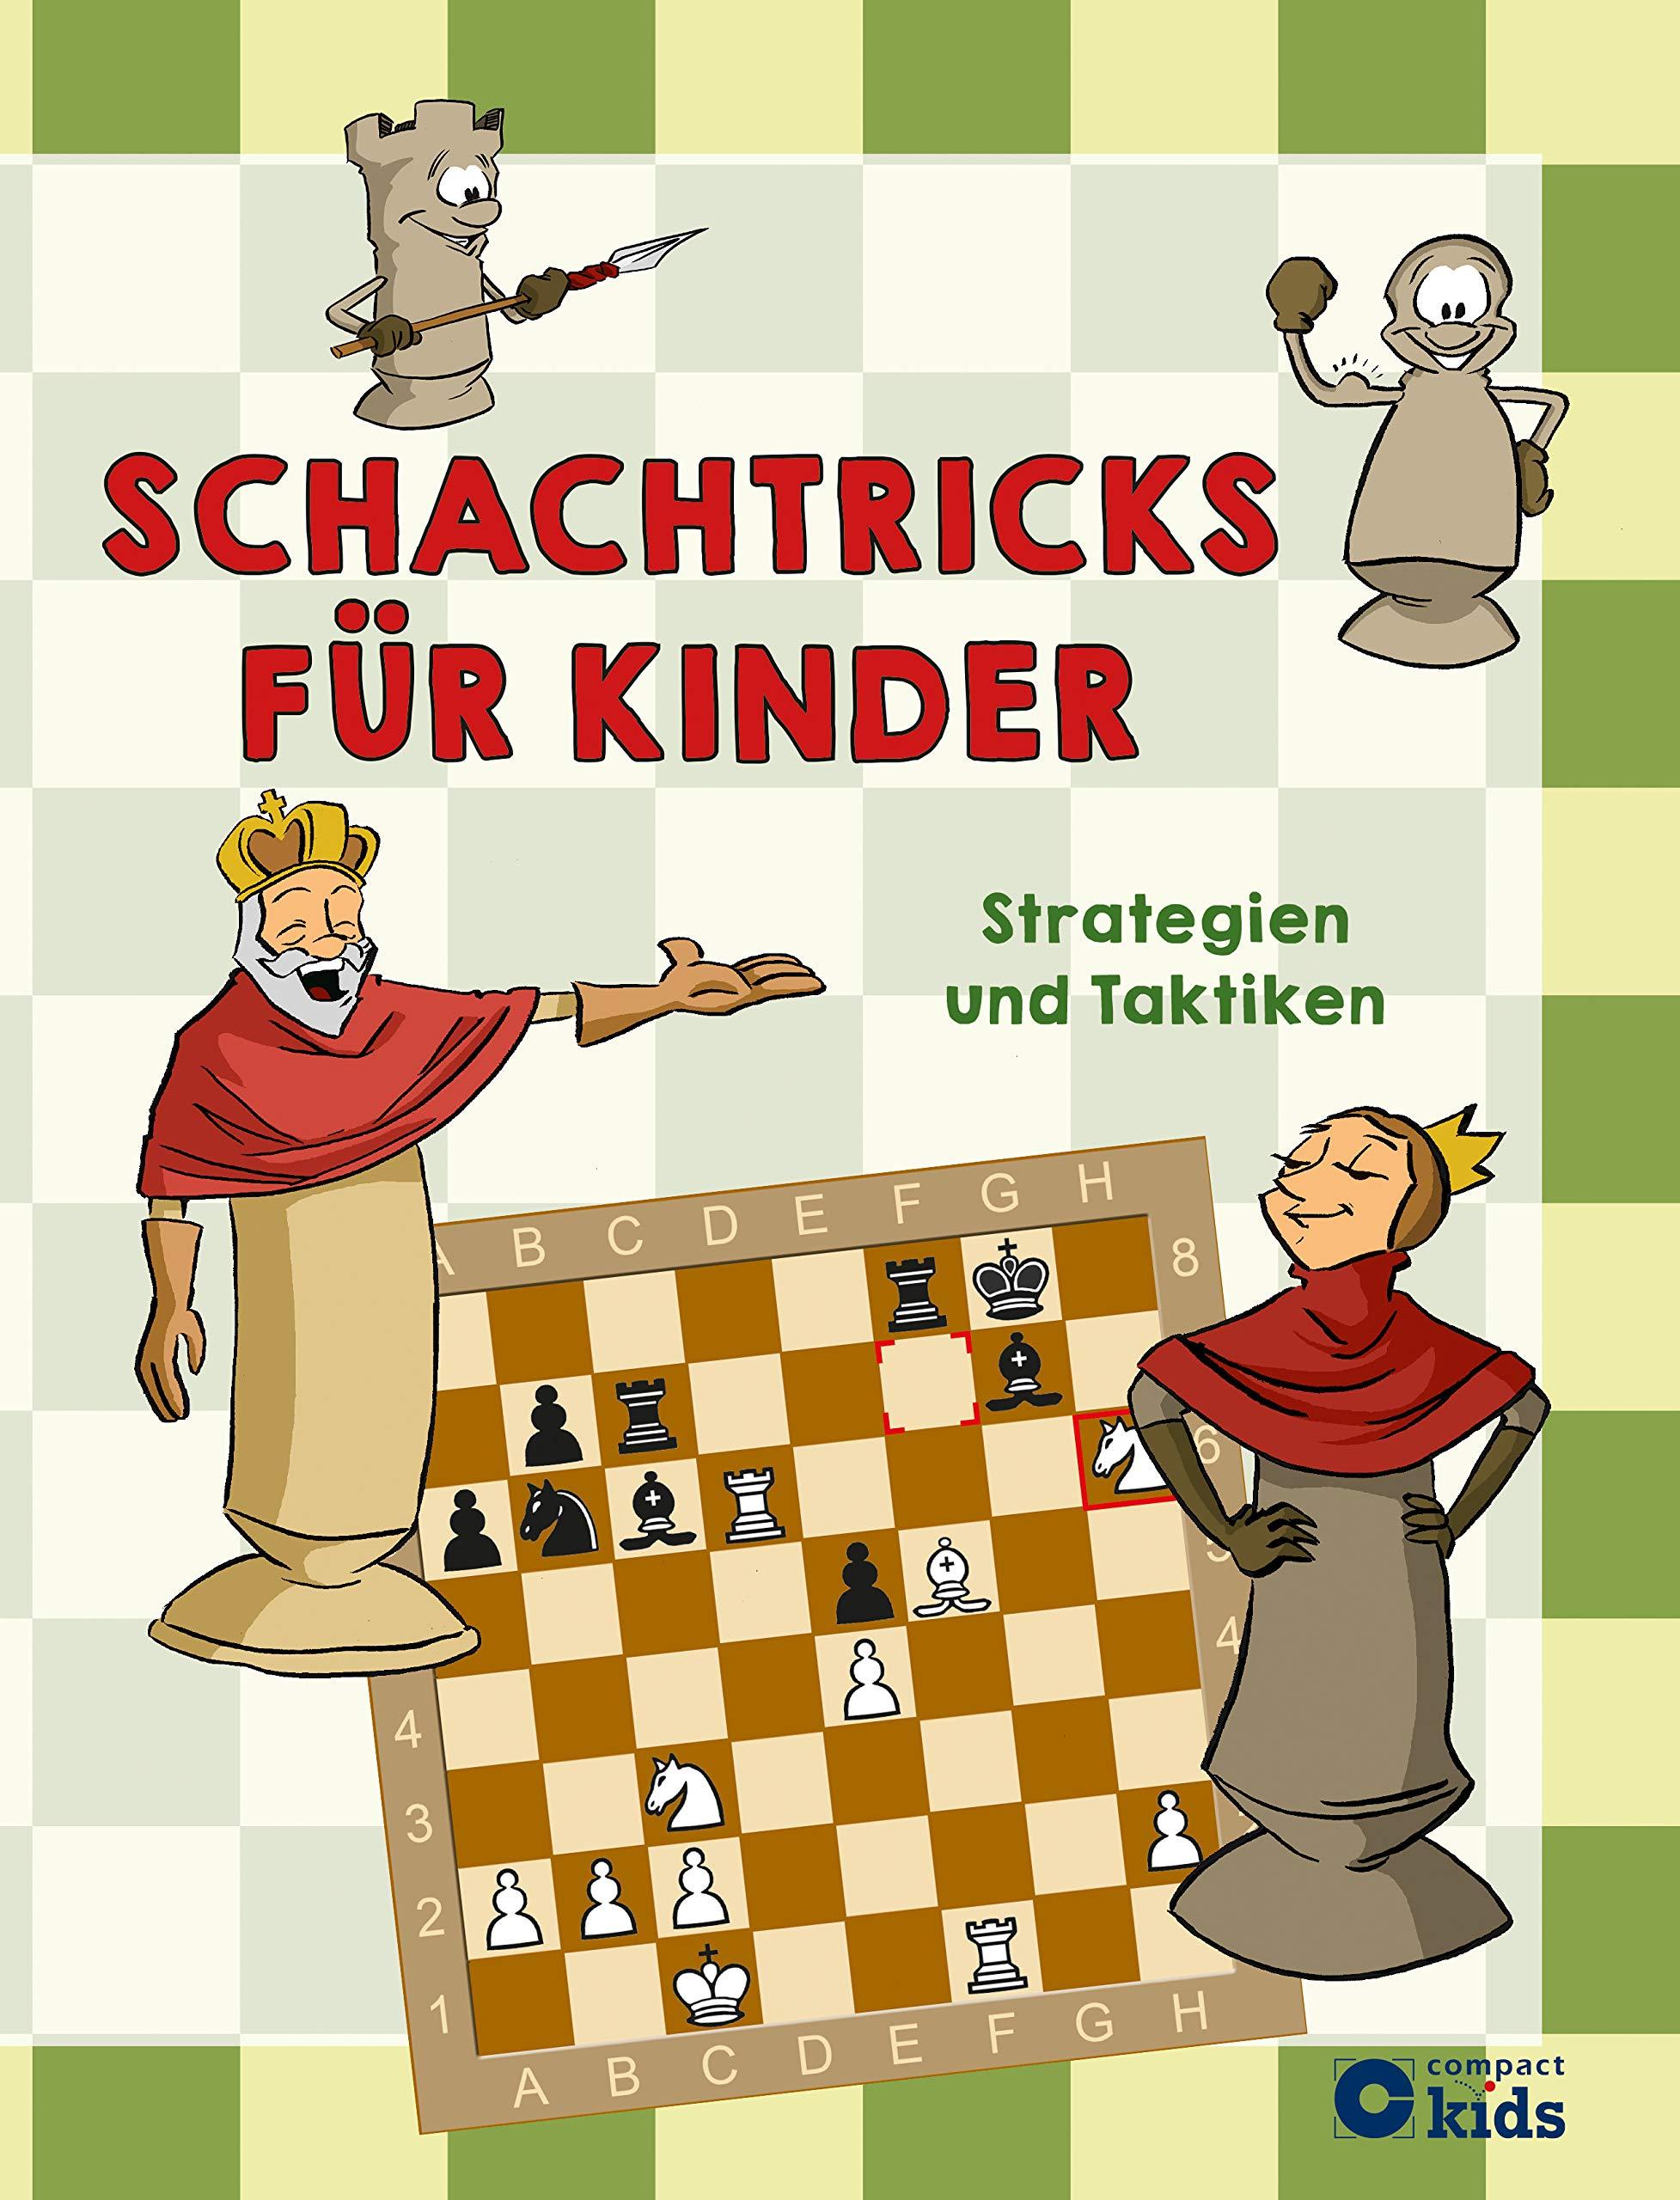 Schachtricks Für Kinder  Strategien Und Taktiken